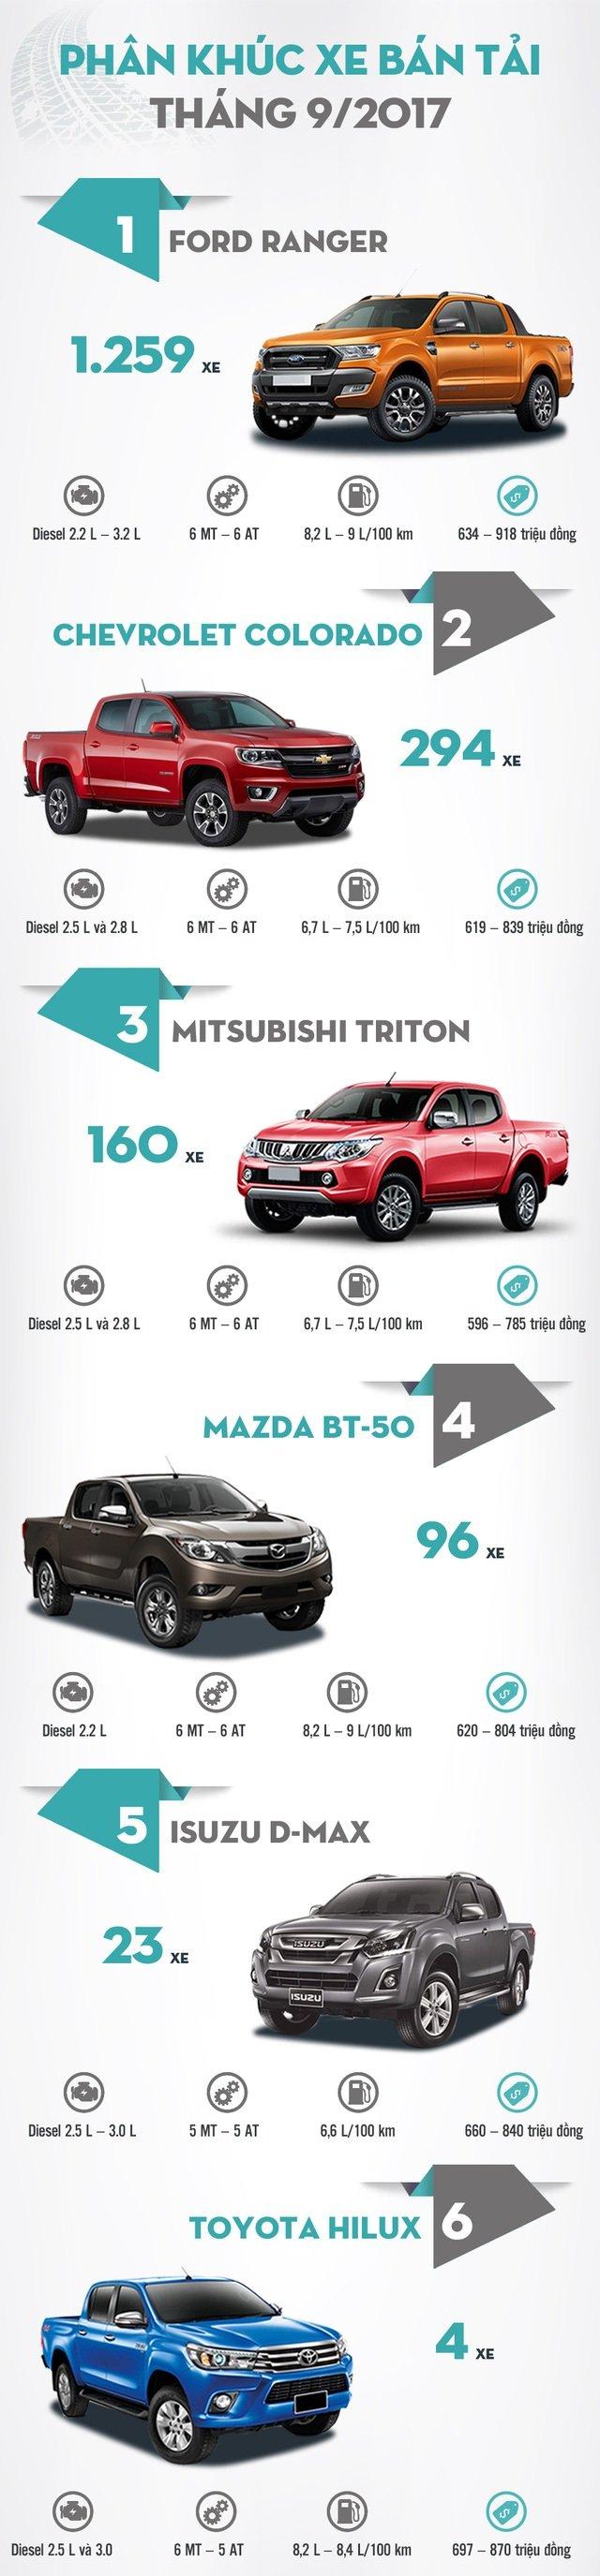 Xếp hạng doanh số xe bán tải tháng 9/2017: Toyota Hilux chỉ bán được 4 xe.